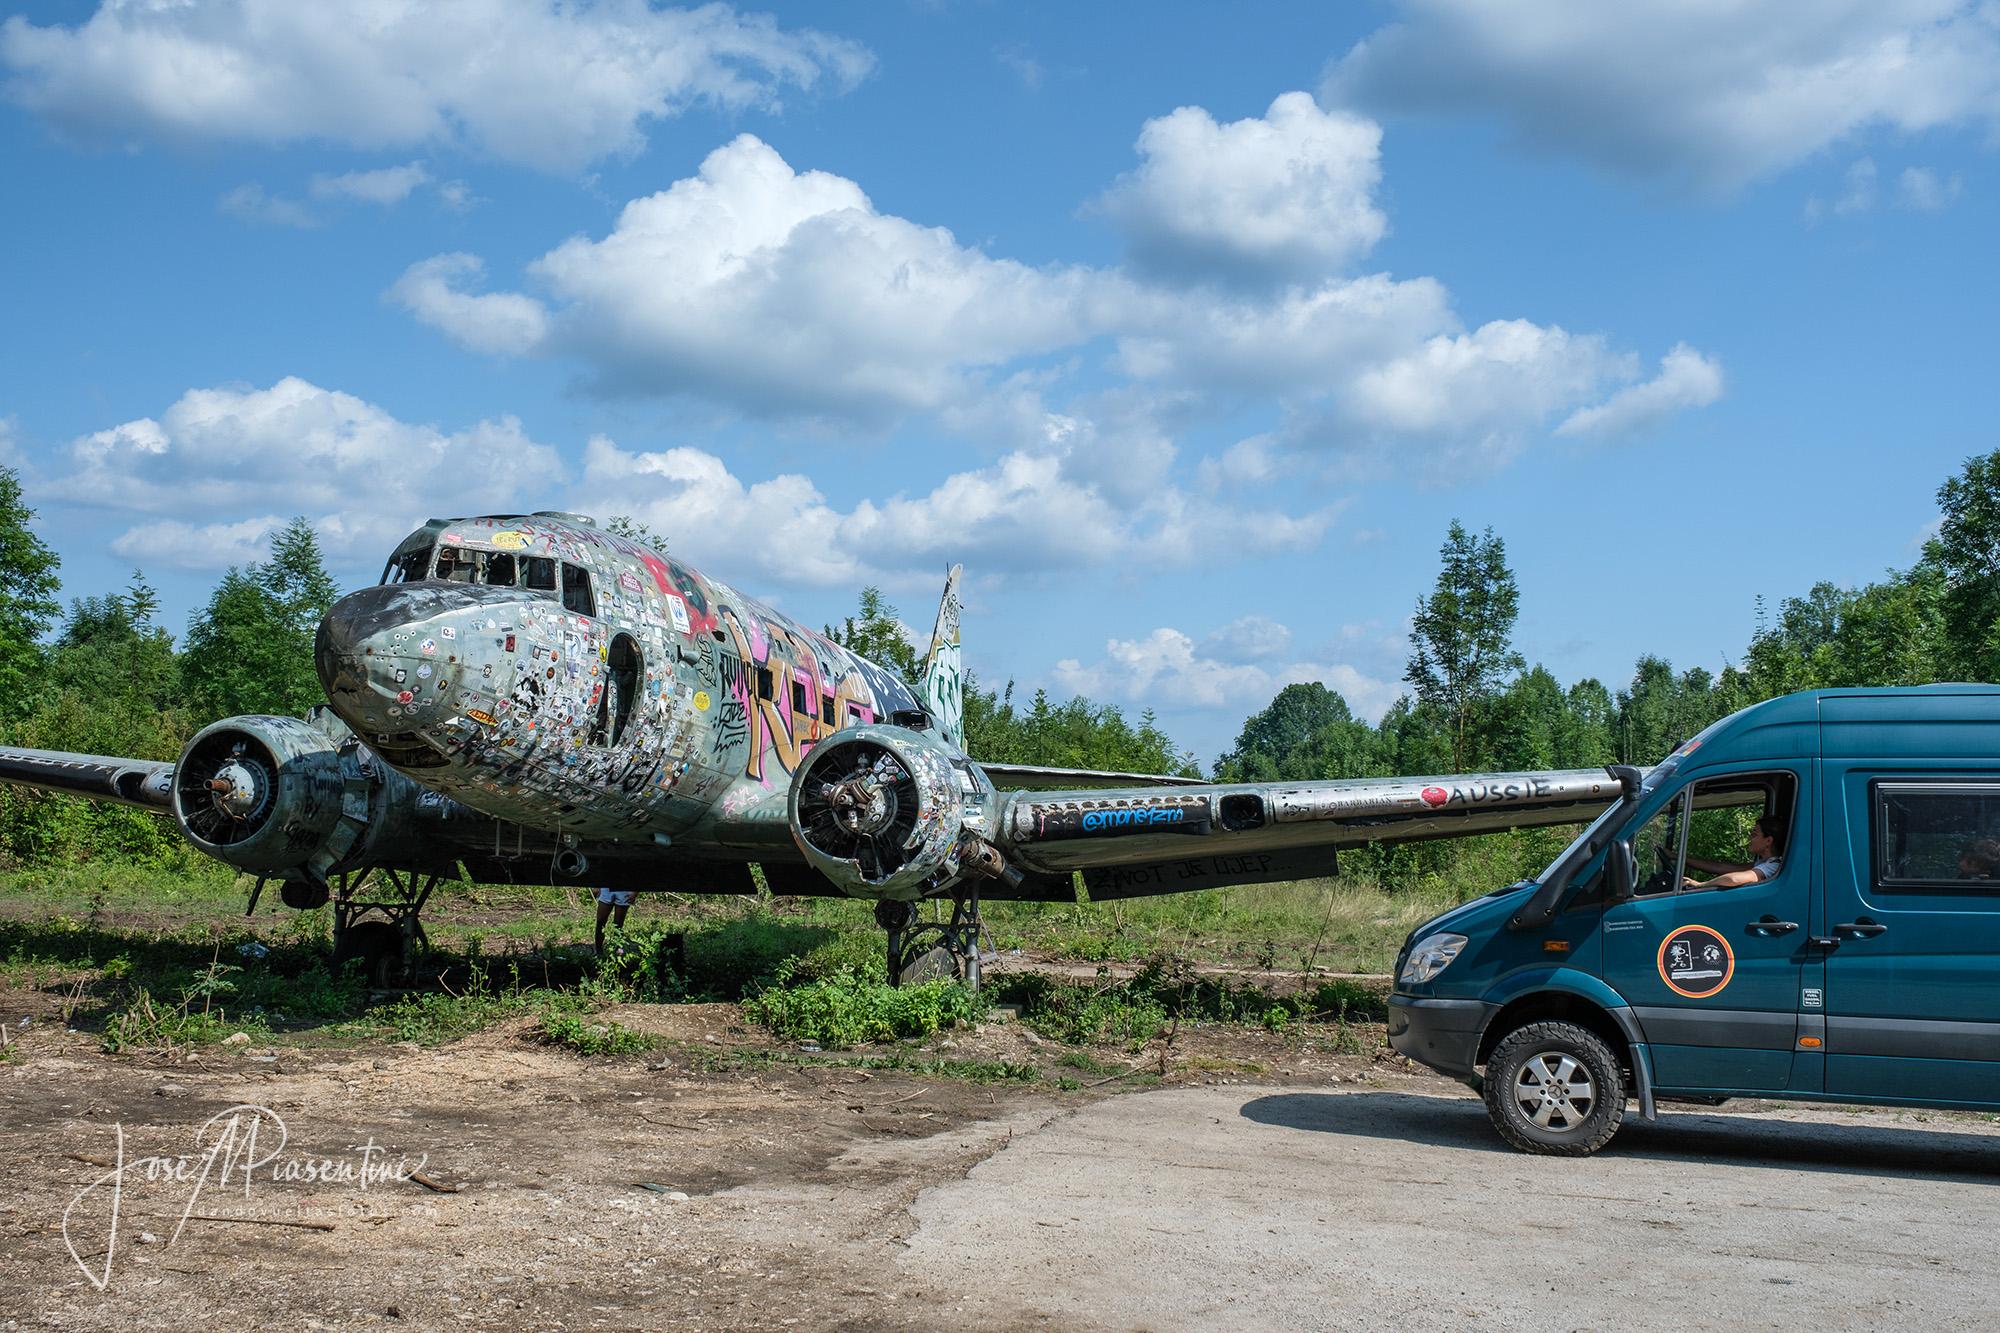 abandoned militar base Zeljava en Croatia